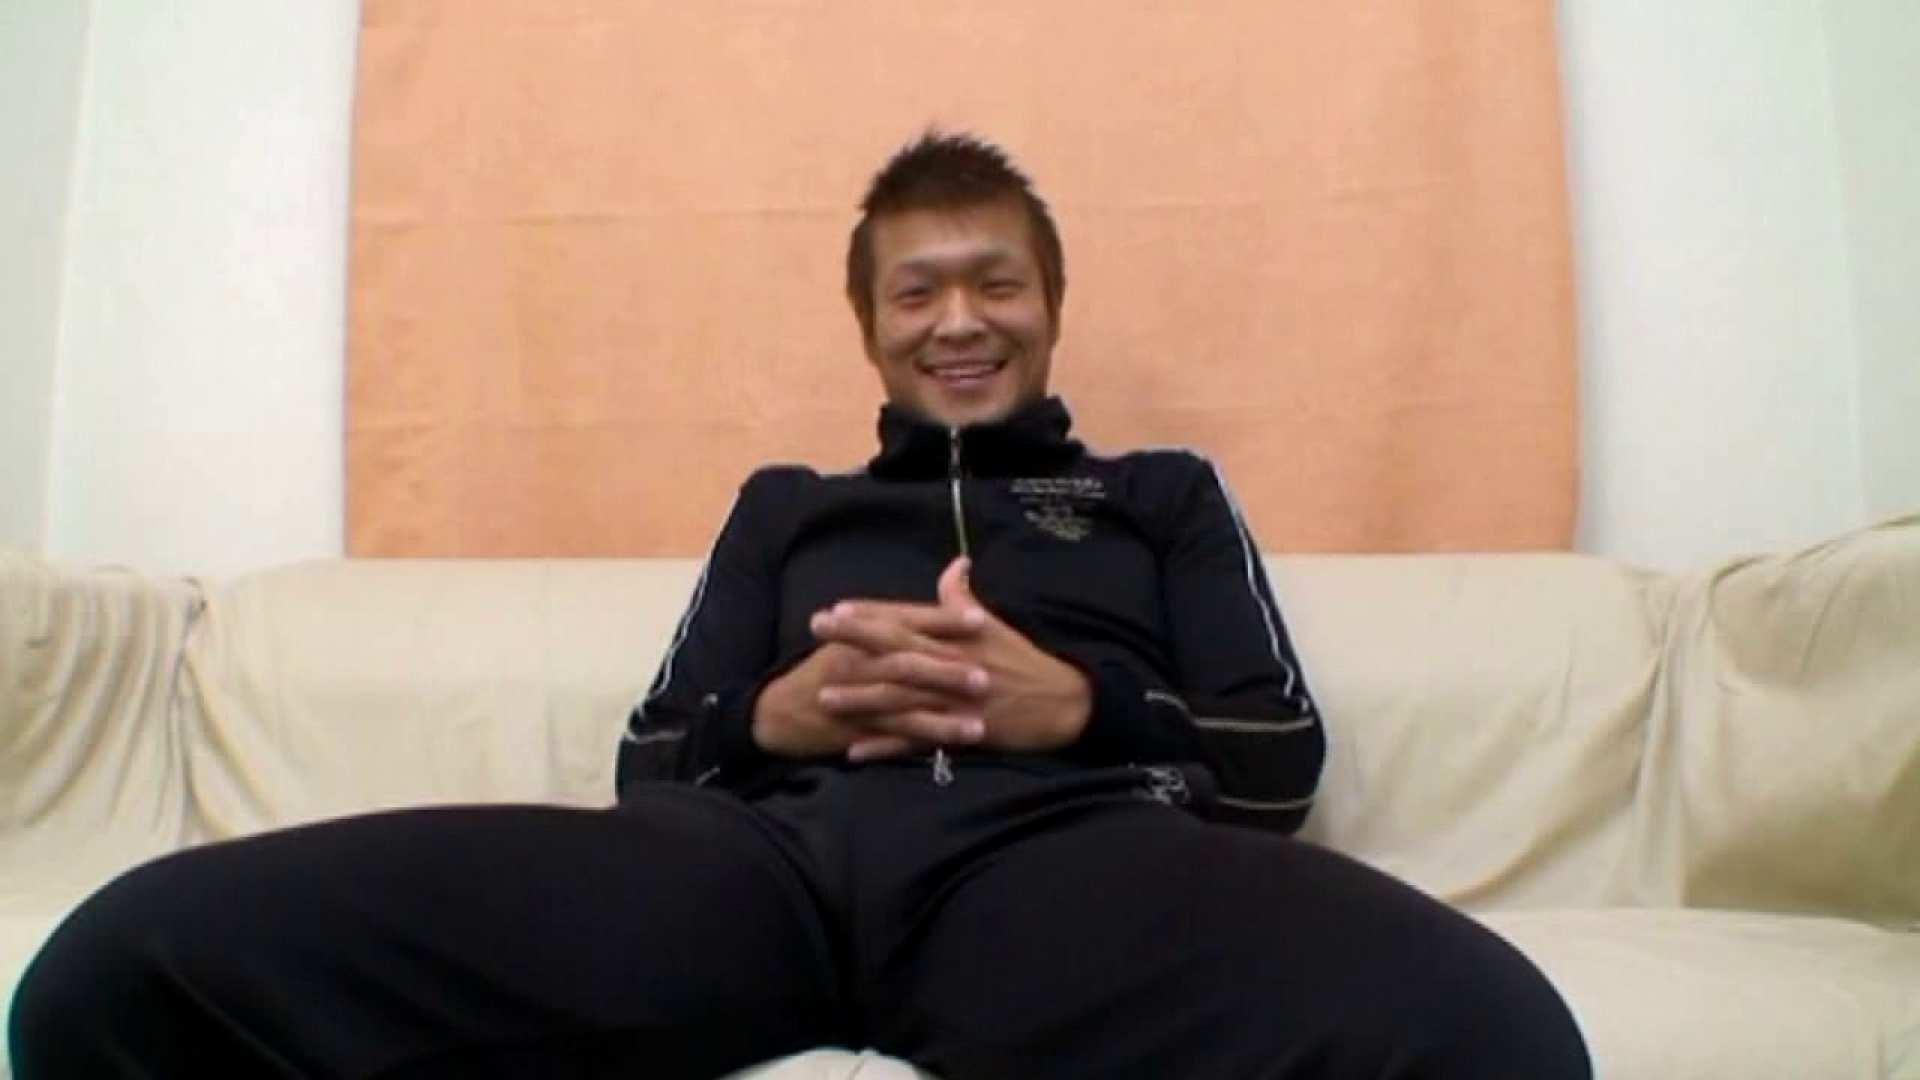 ノンケ!自慰スタジオ No.31 オナニー ゲイ無修正ビデオ画像 102pic 27